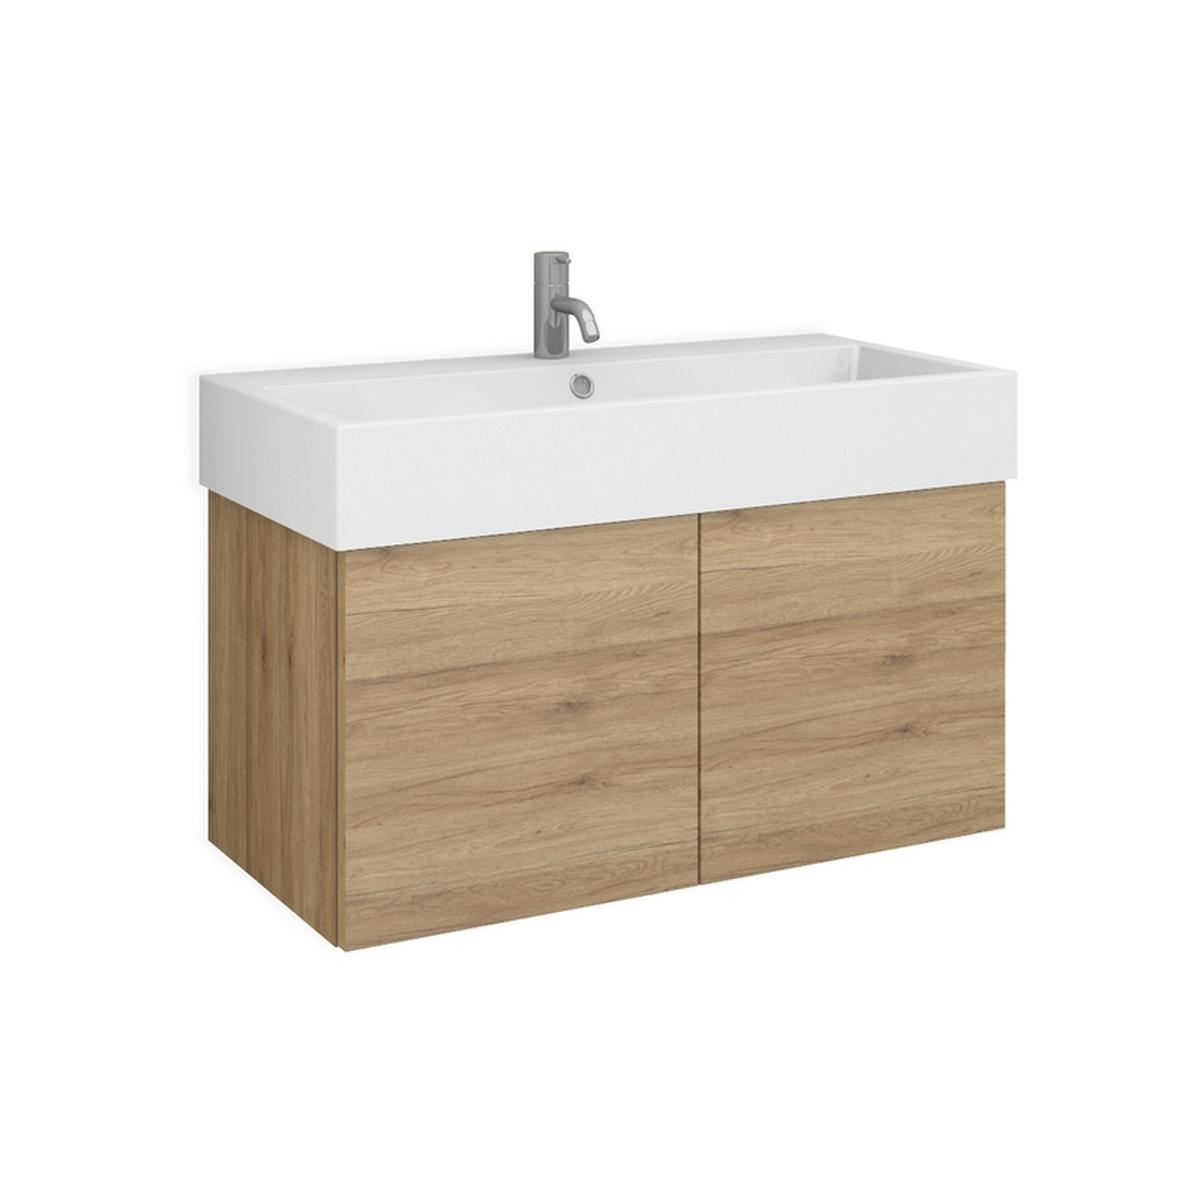 balai 80 keramik waschtisch set nach ma mit 2 t ren. Black Bedroom Furniture Sets. Home Design Ideas